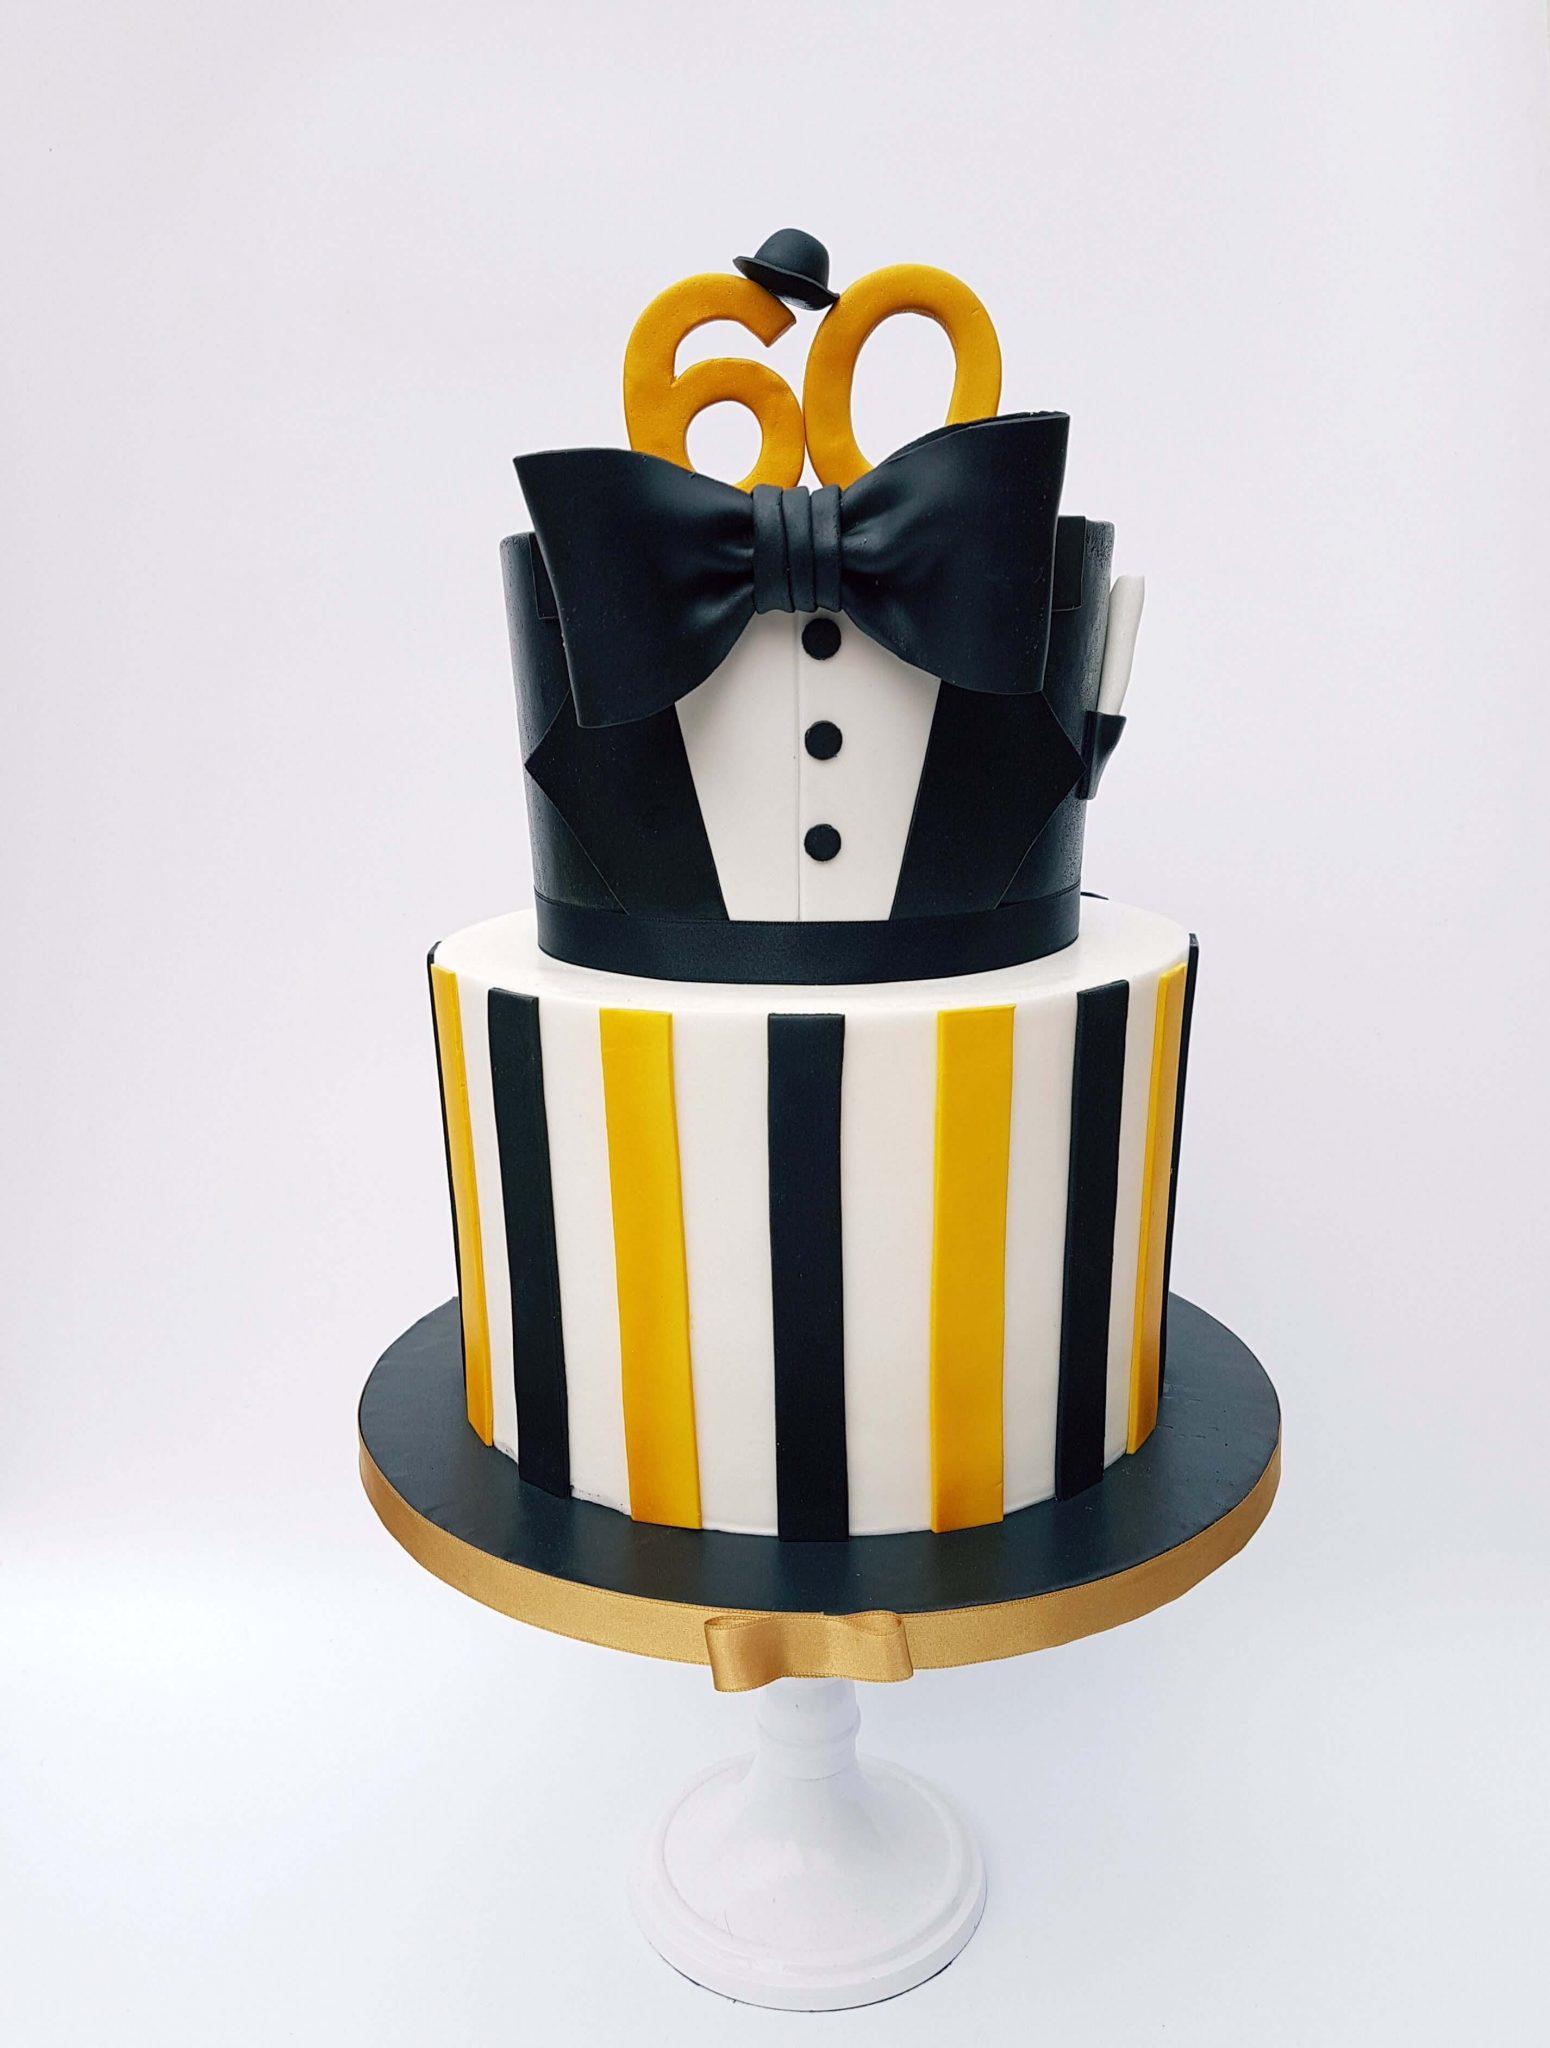 50 60 jaar verjaardag taart jubileum mijlpaal bijzonder goud zwart